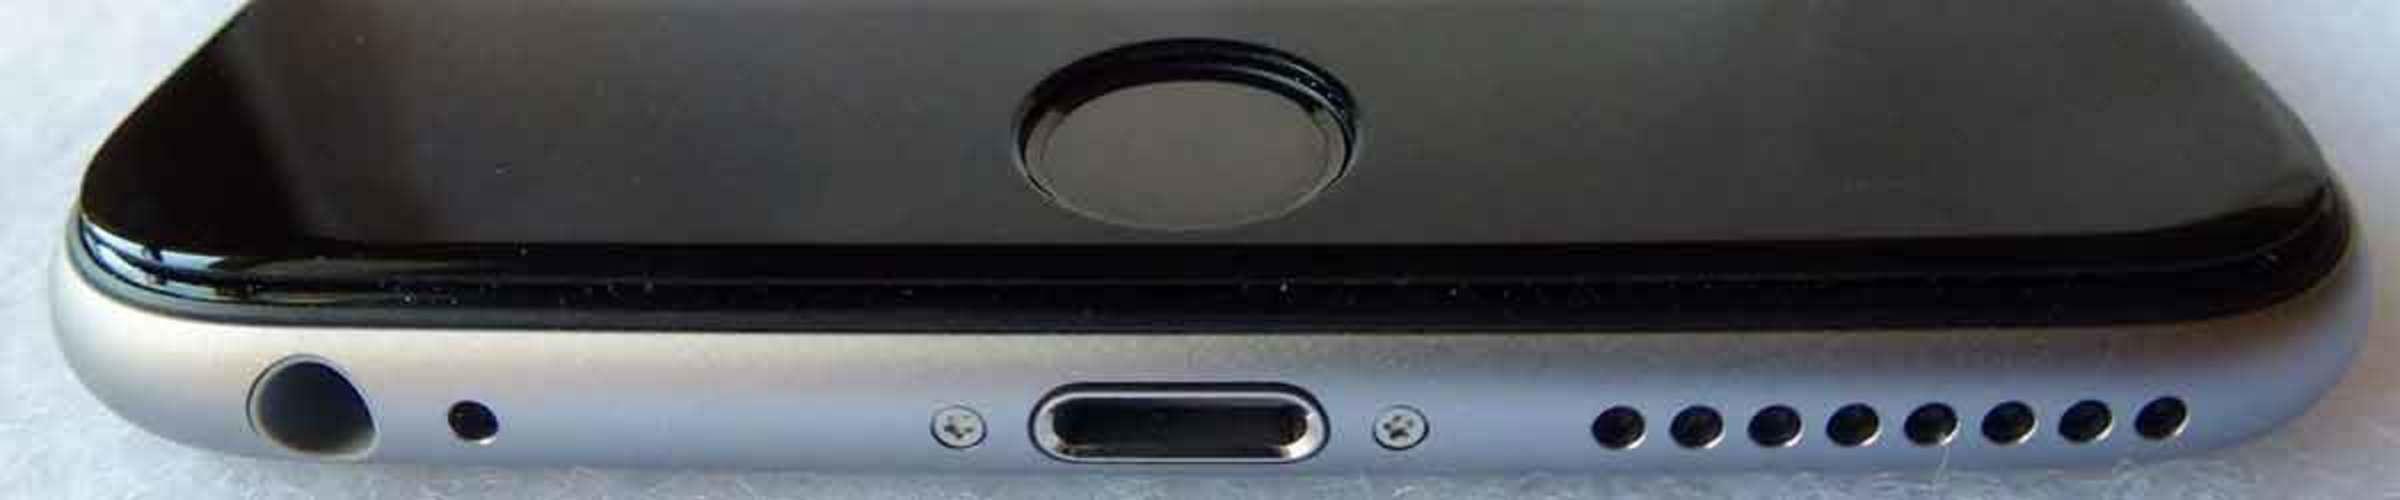 Самое лучшее защитное стекло для iPhone 6s в каждой ситуации свое.